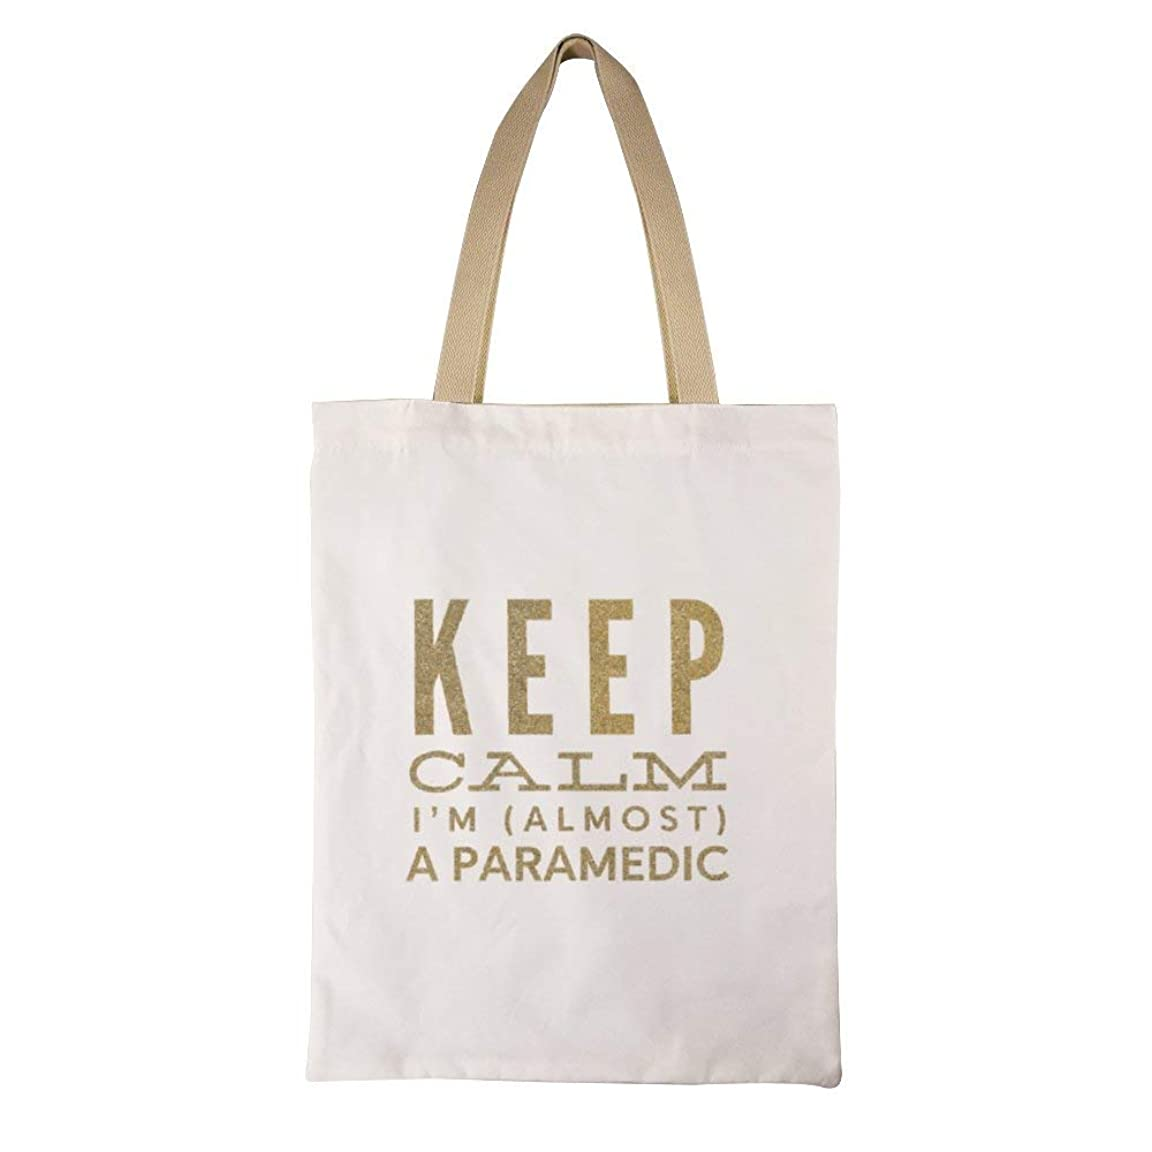 安定したふくろう明快Keep Calm Im Almost A Paramedic レディース キャンバストートバッグ ハンドバッグキャンバスショルダーバッグ通勤通学 大容量 軽量